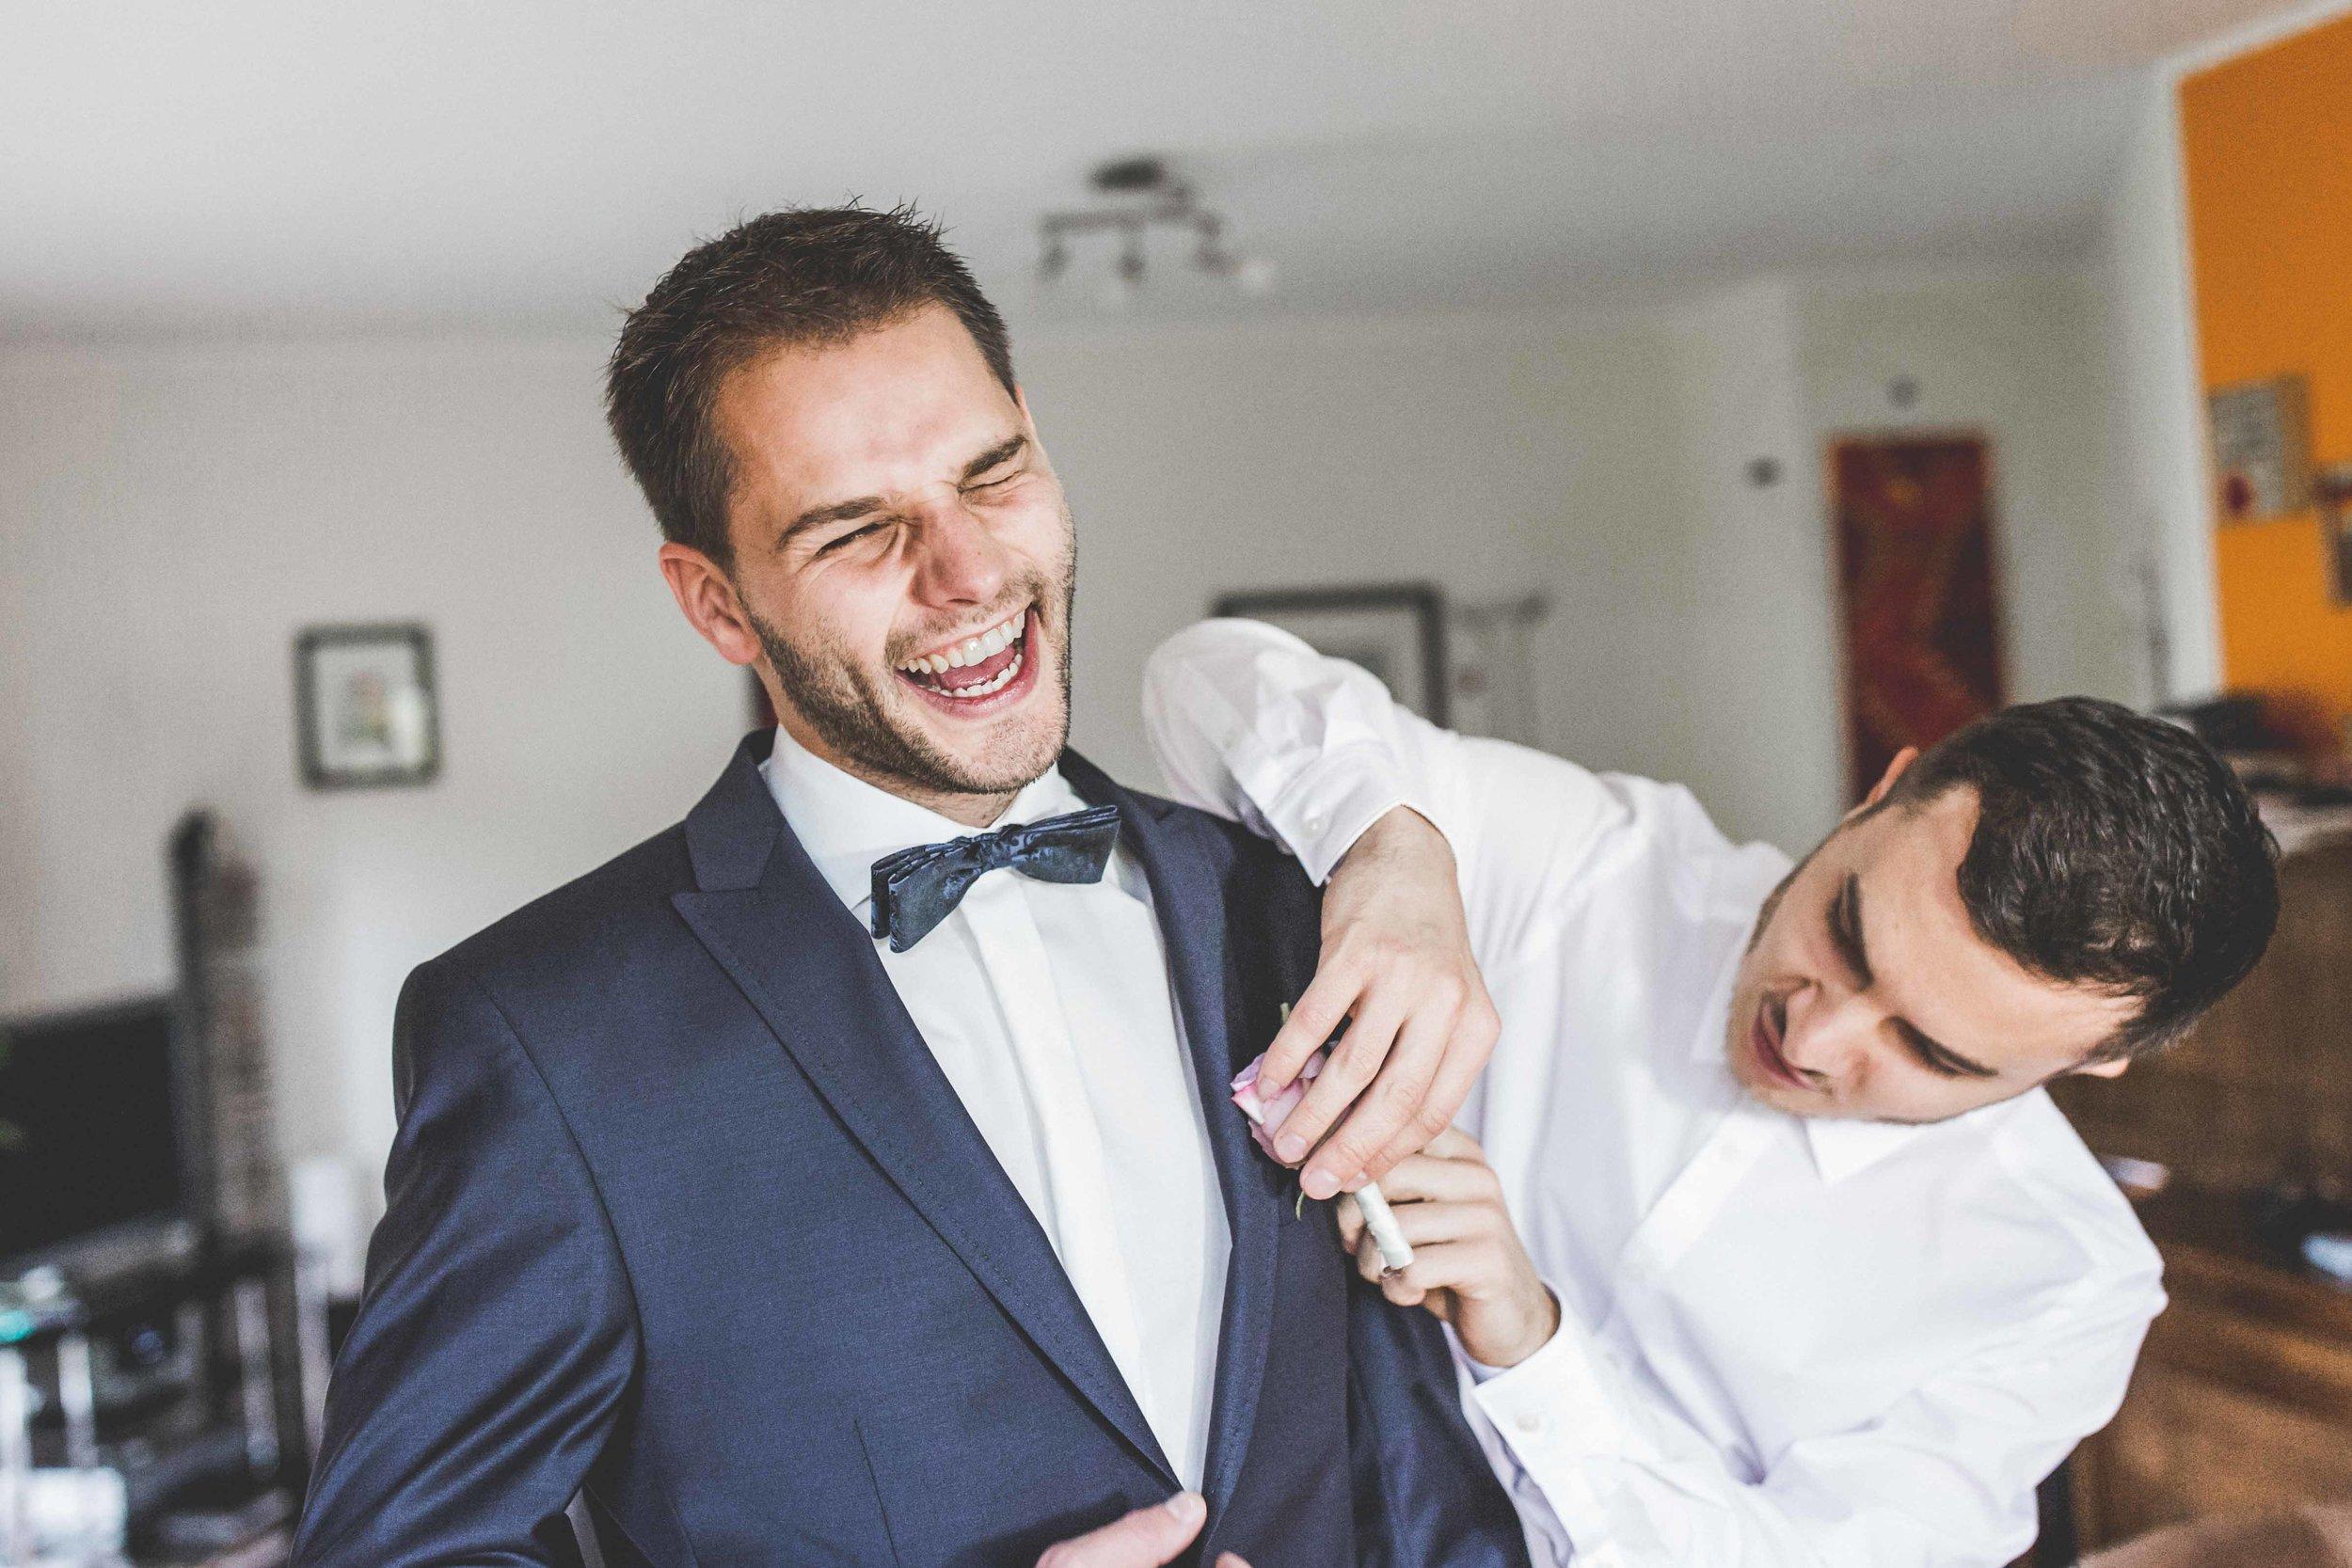 Hochzeit - Tatjana & Tobias - web-17.jpg